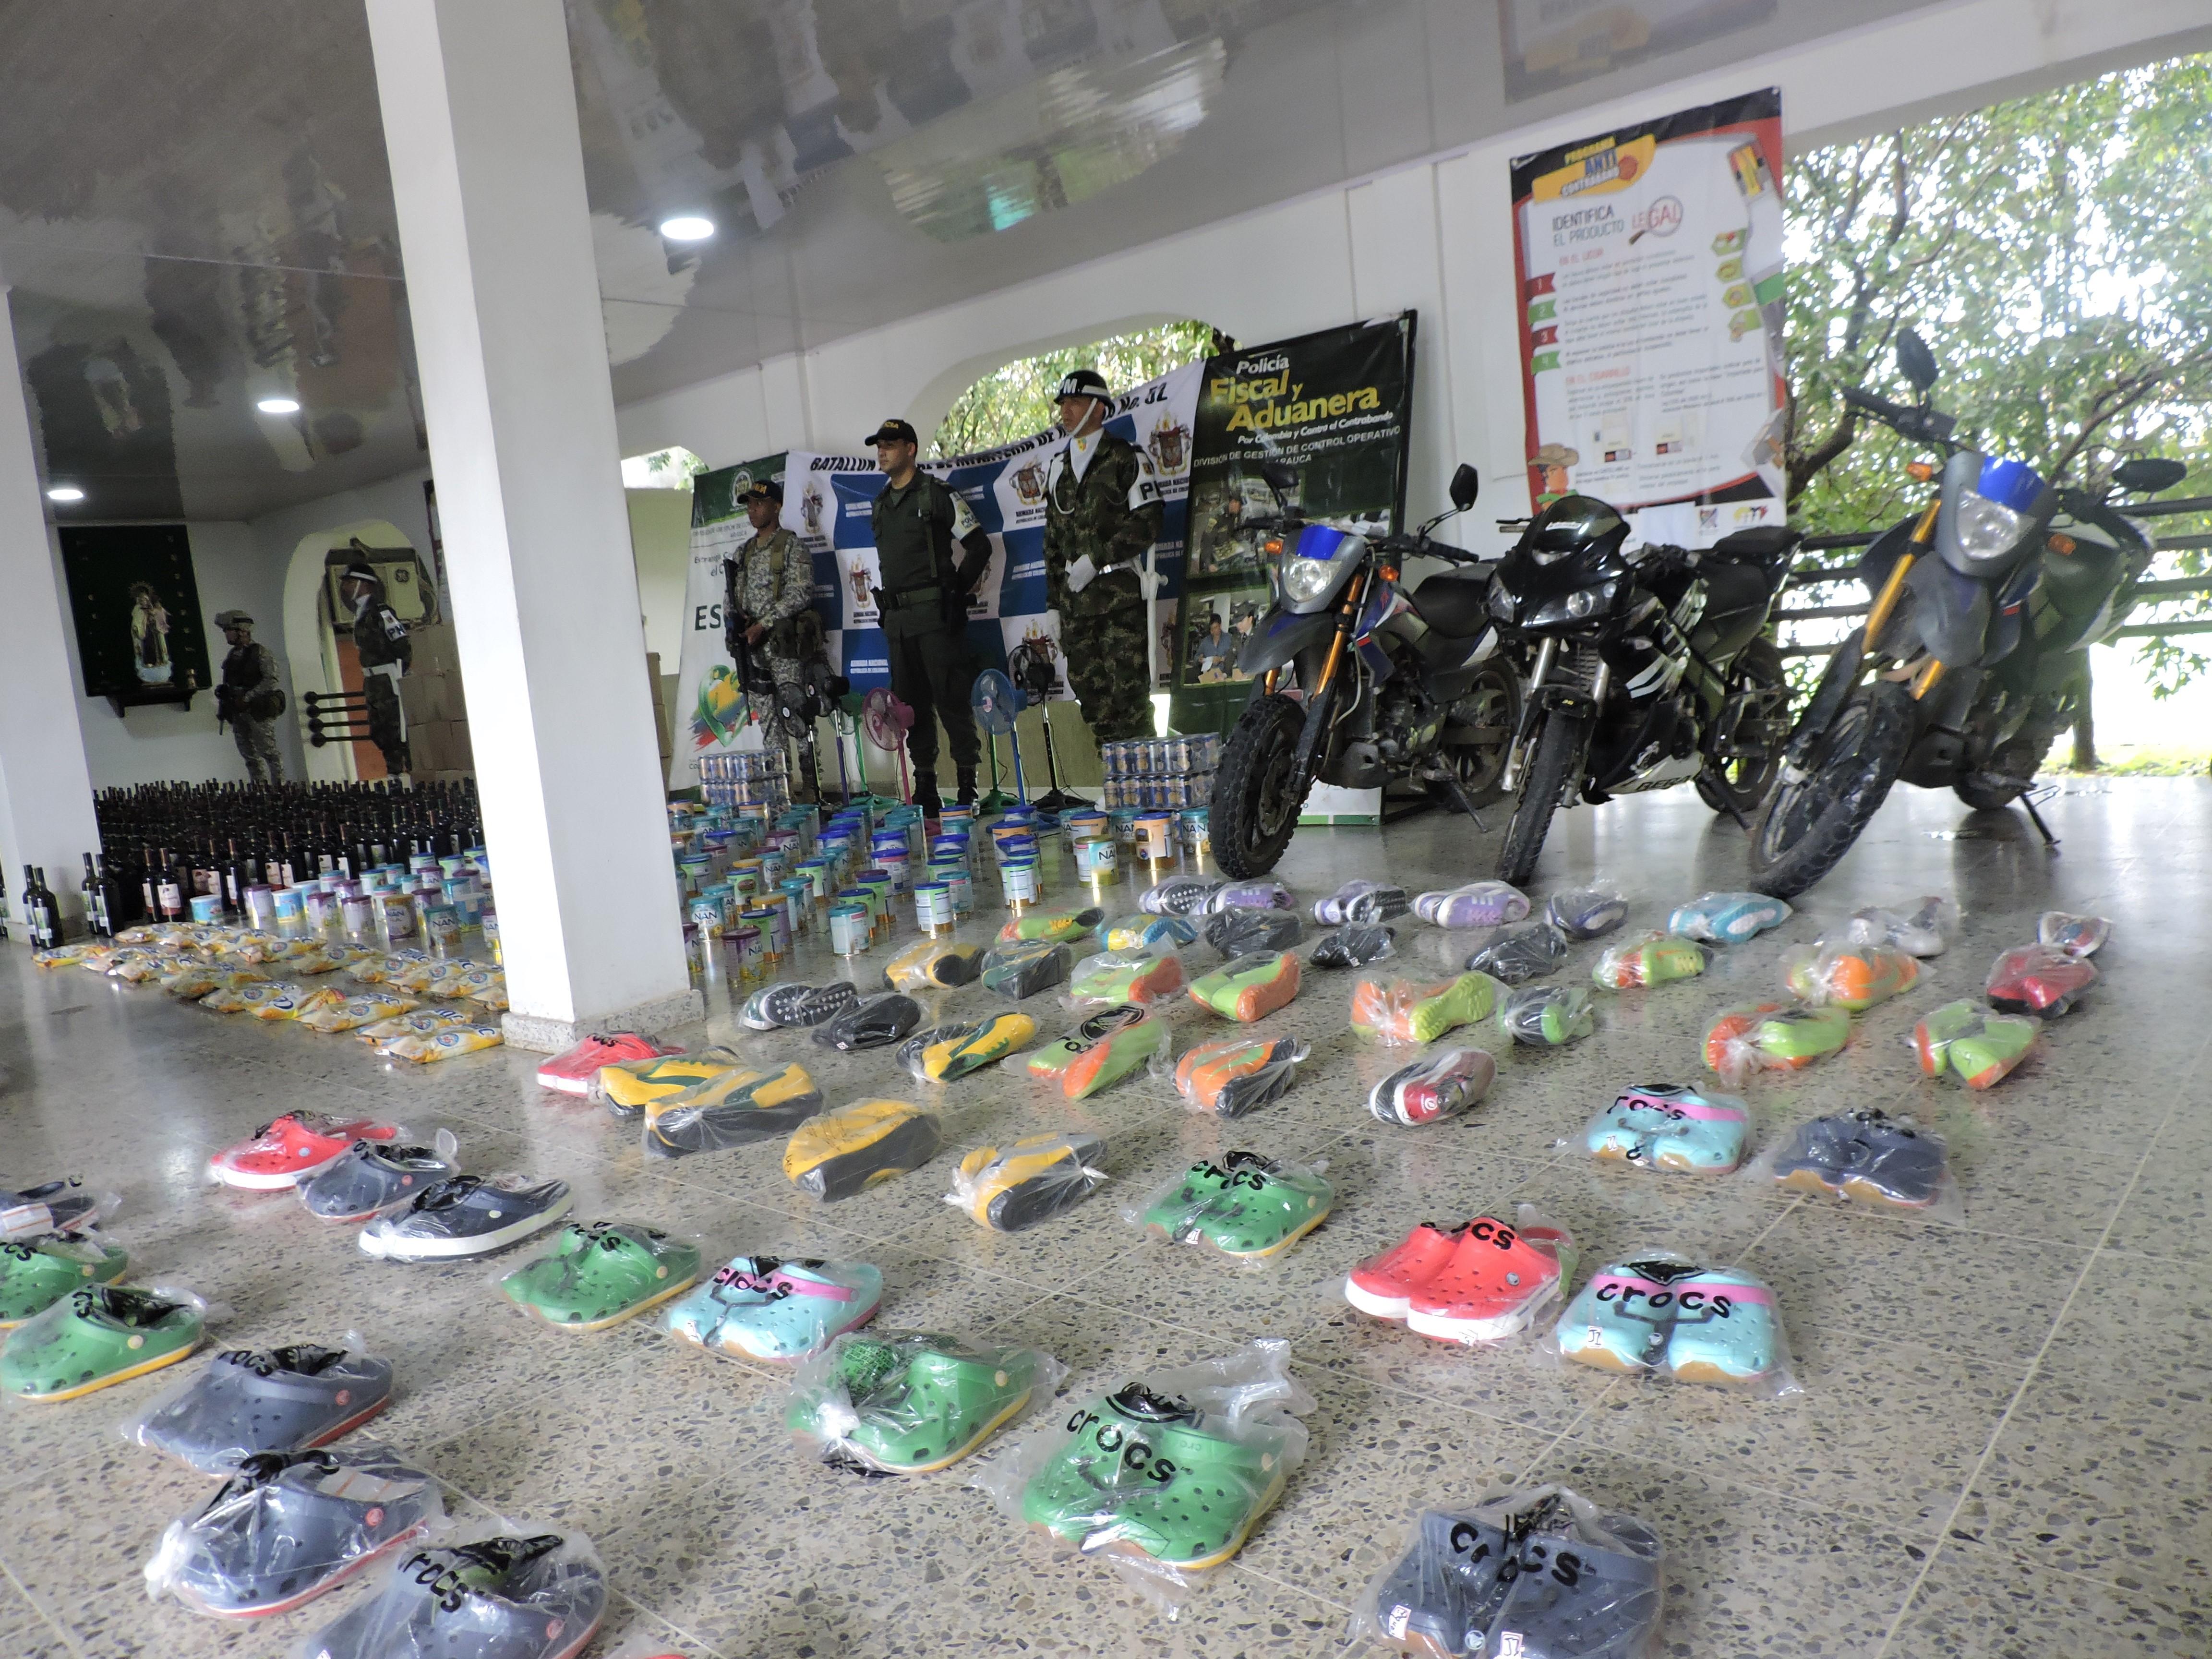 Policía Fiscal y Aduanera ha incautado más de 226 millones de pesos en  productos de contrabando